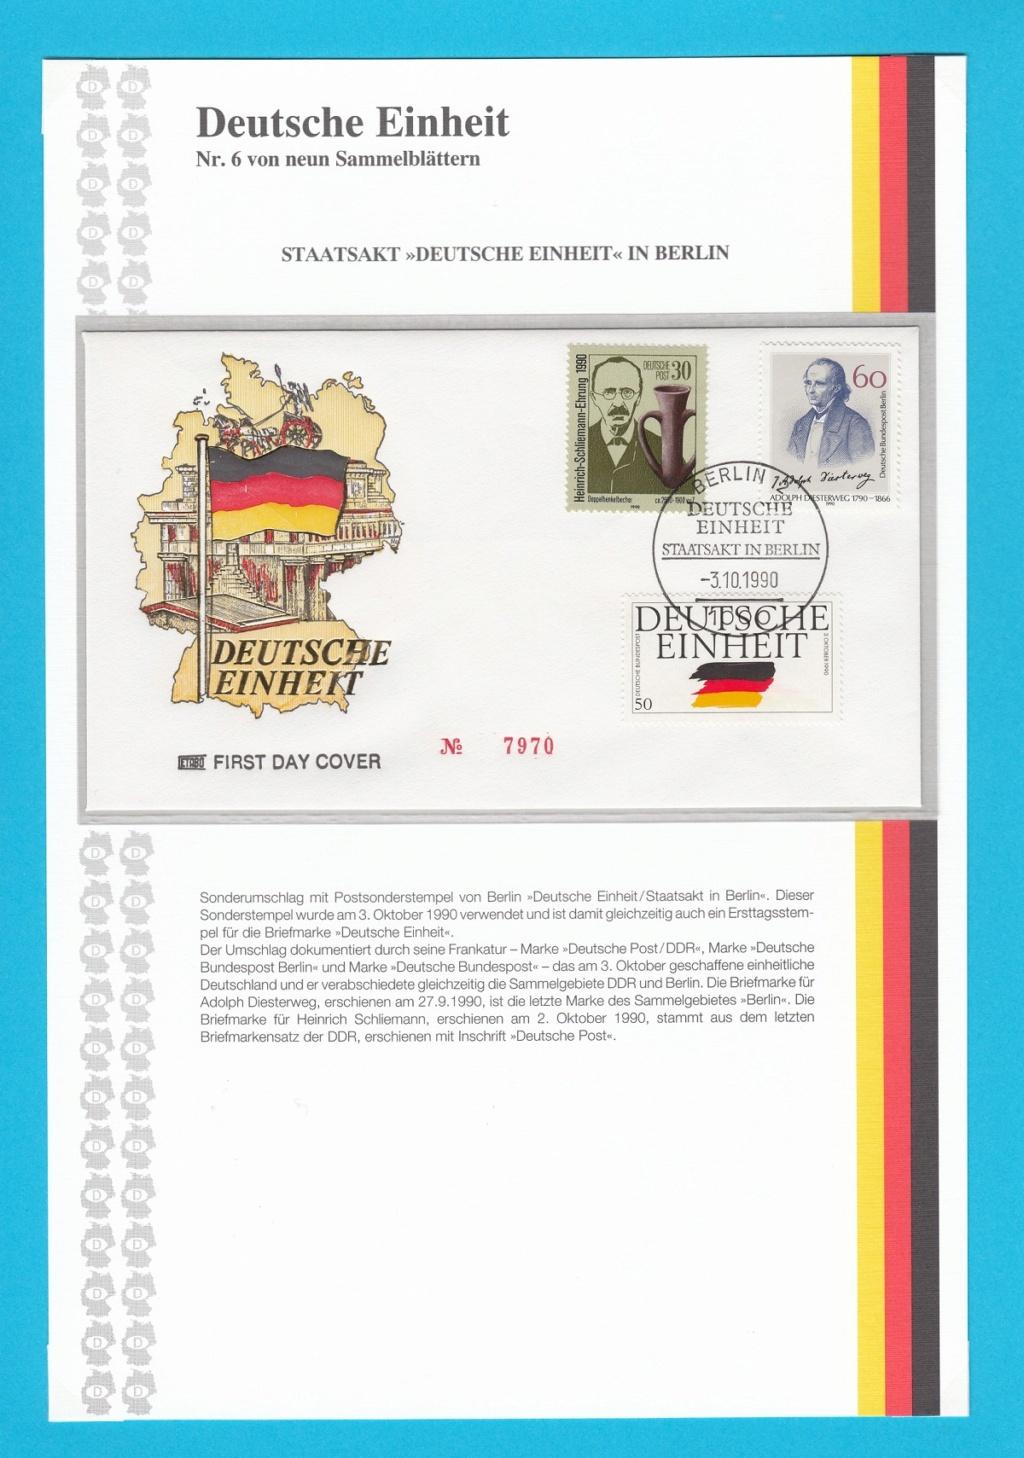 Die Vereinigung von West- und Mitteldeutschland vor 30 Jahren D2110